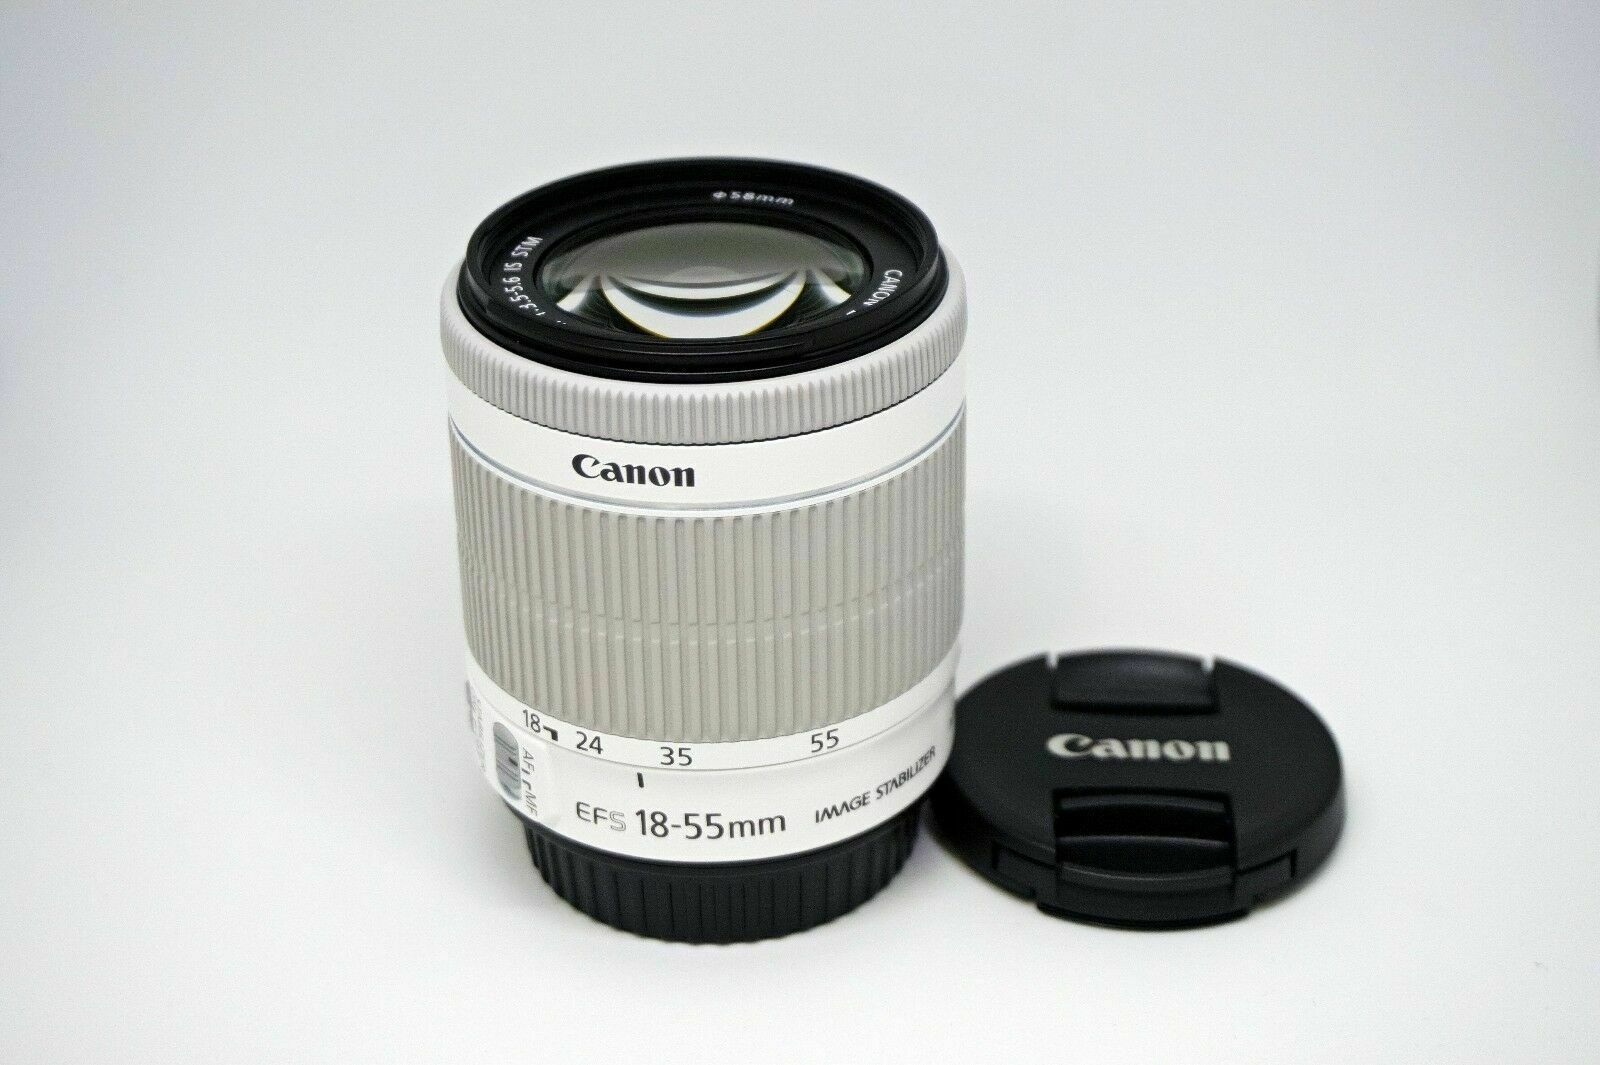 Canon EF-S 18-55mm F/3.5-5.6 IS STM For Canon 650D 700D 100D White NEW - Bulk